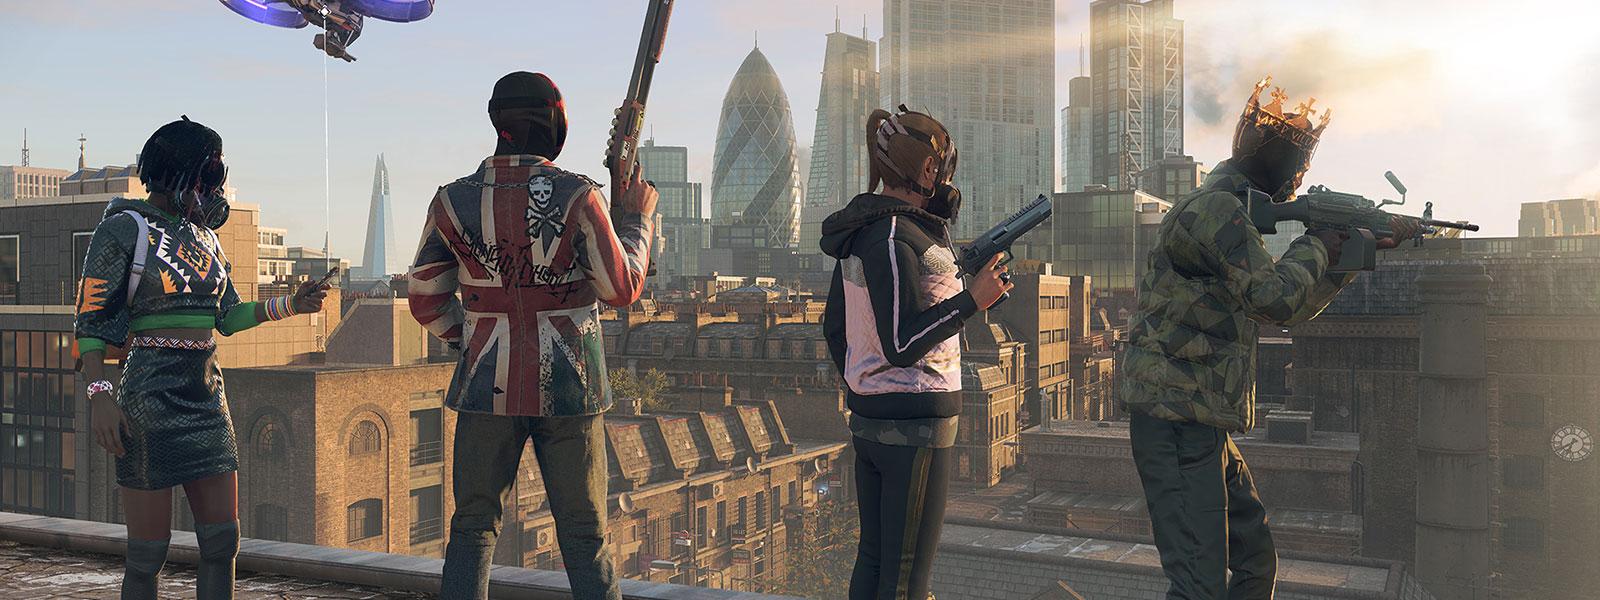 Postavy seřazené na střeše s maskami a nabitými zbraněmi dívajícími se na město